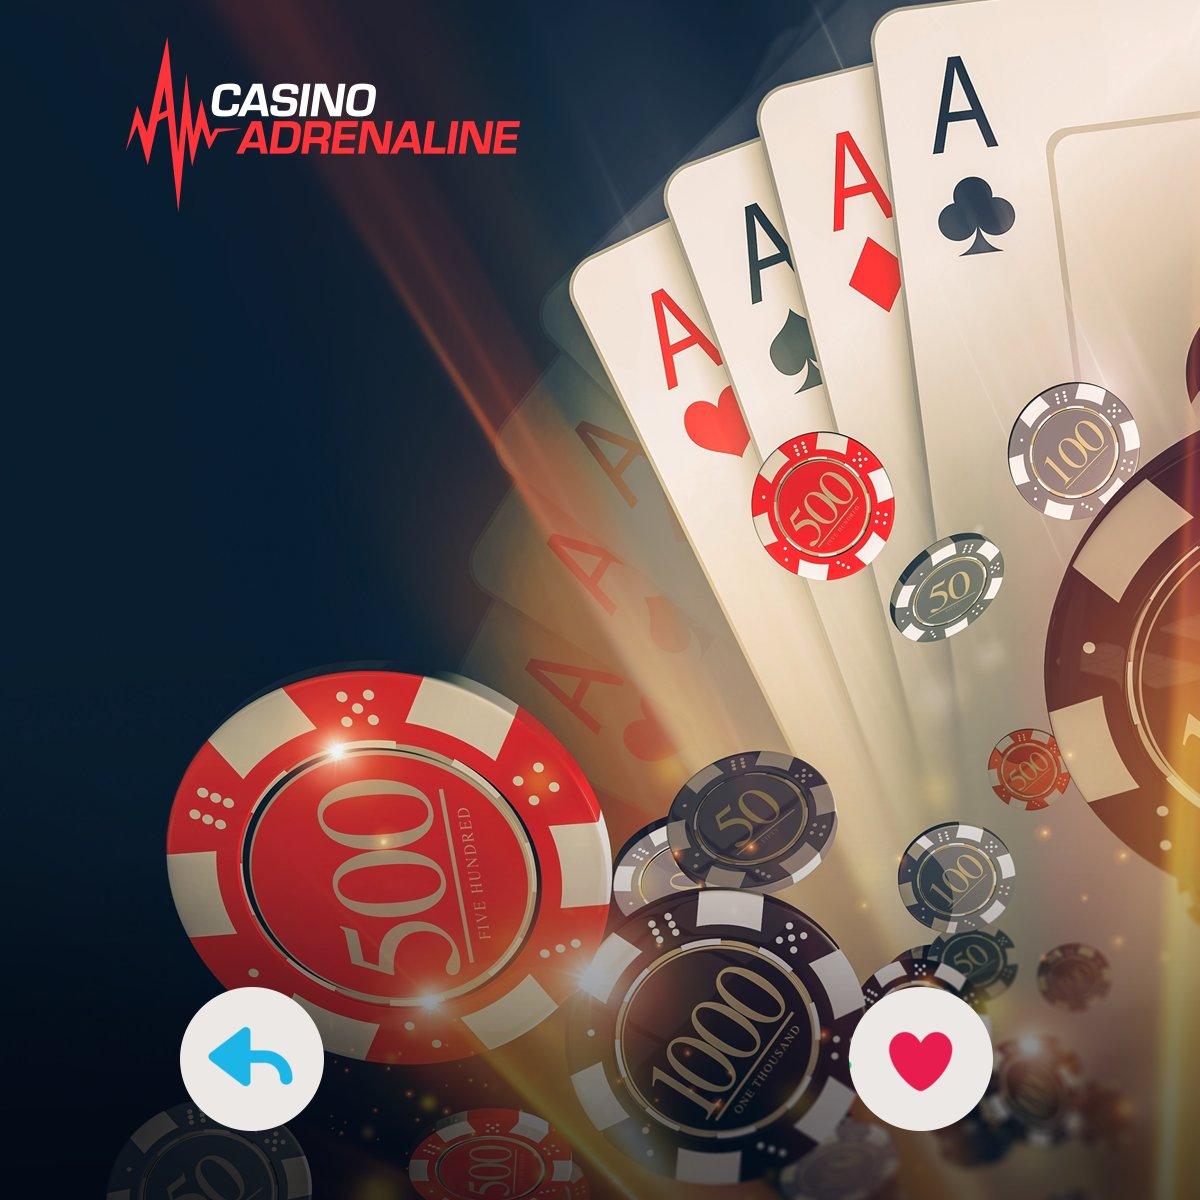 test Twitter Media - Deposit Casino Bonus in Casino Adrenaline are very generous. Check out our great Deposit Casino Bonus, promotions: https://t.co/HmFCJQy72K https://t.co/BukqVxv9e0